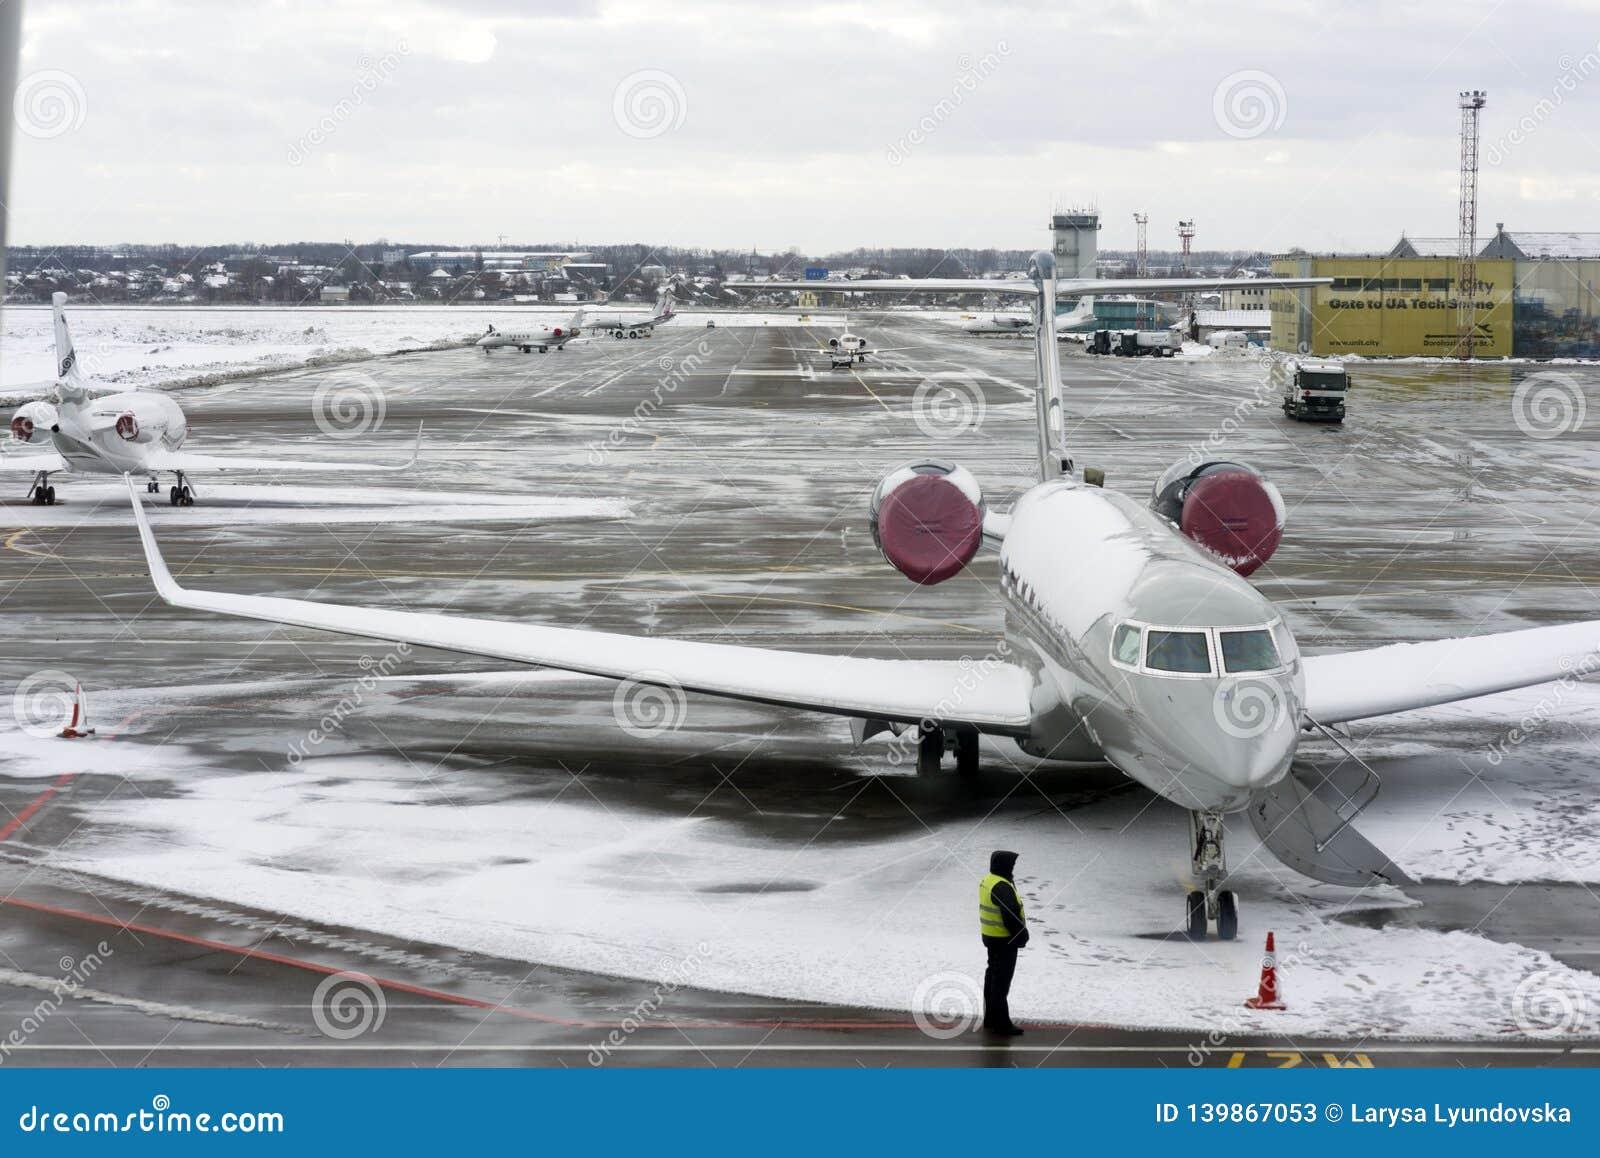 Kiev Ukraina, Februari 2019 Flygplan landningsbanan, arbetarna - det vanliga funktionsläget av operationen av flygplatsen Kiev Ju